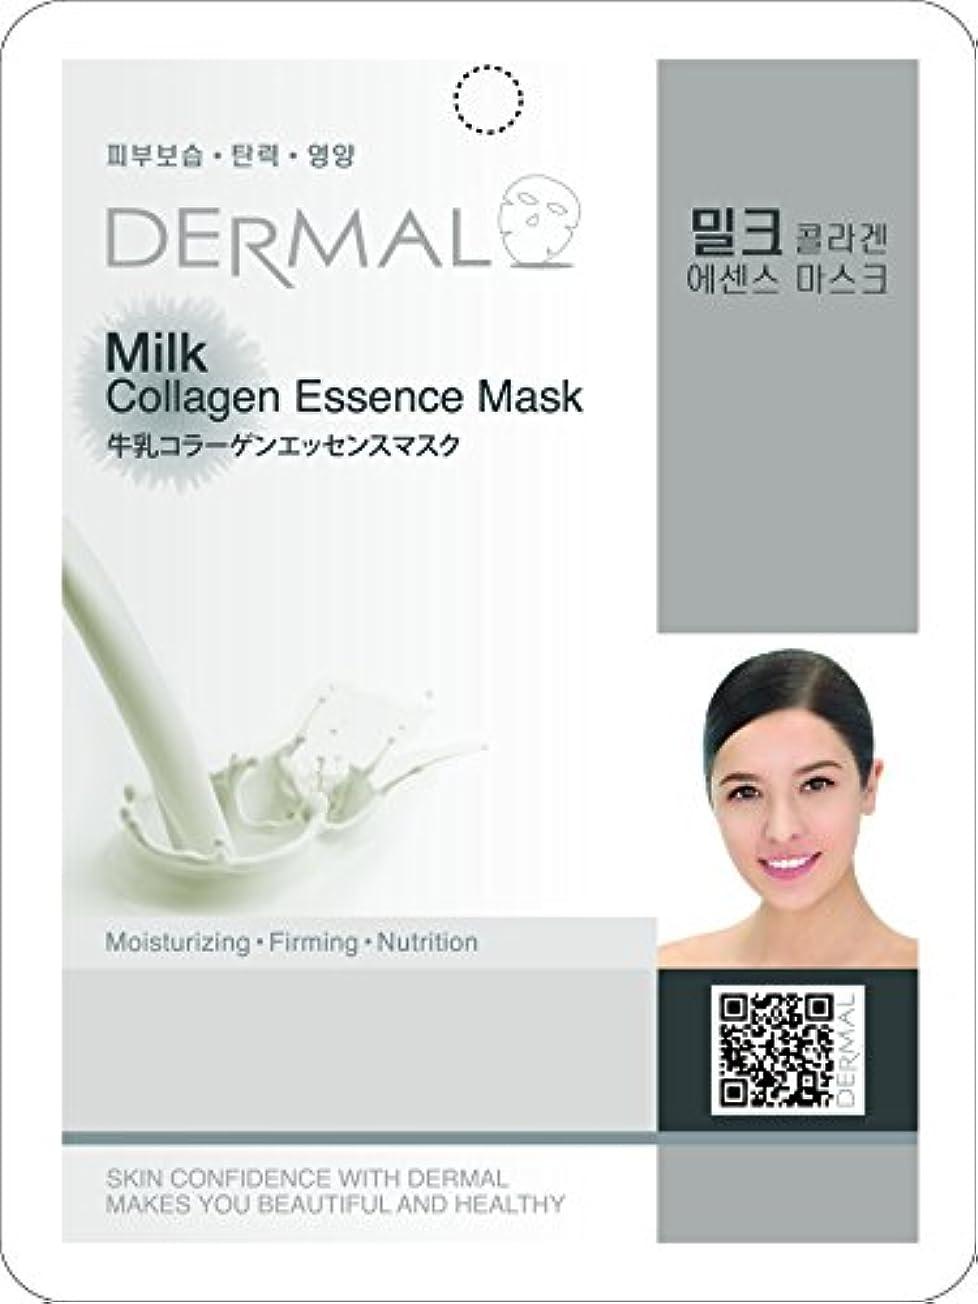 スマイル純度歯科医ミルクシートマスク(フェイスパック) 10枚セット ダーマル(Dermal)